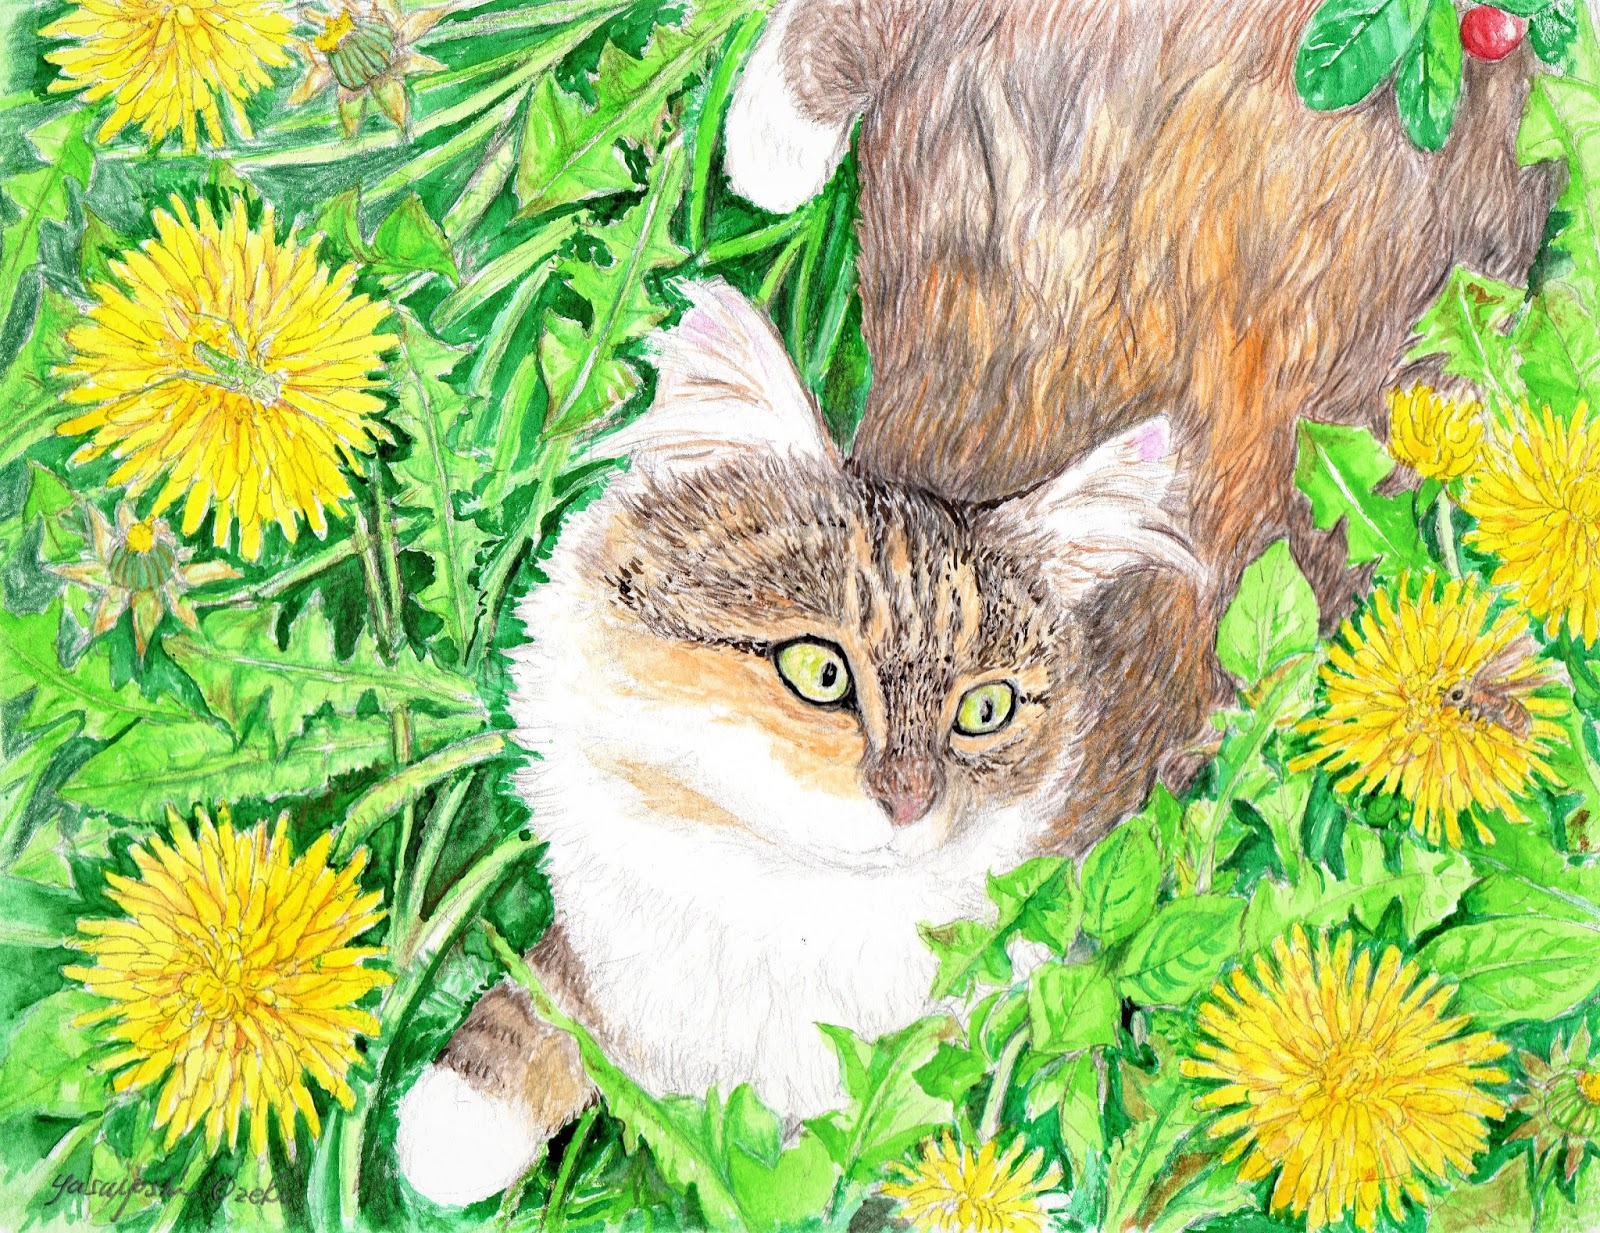 やっちゃんのネコと動物イラスト: ノルウェー猫(ノルウェージャン